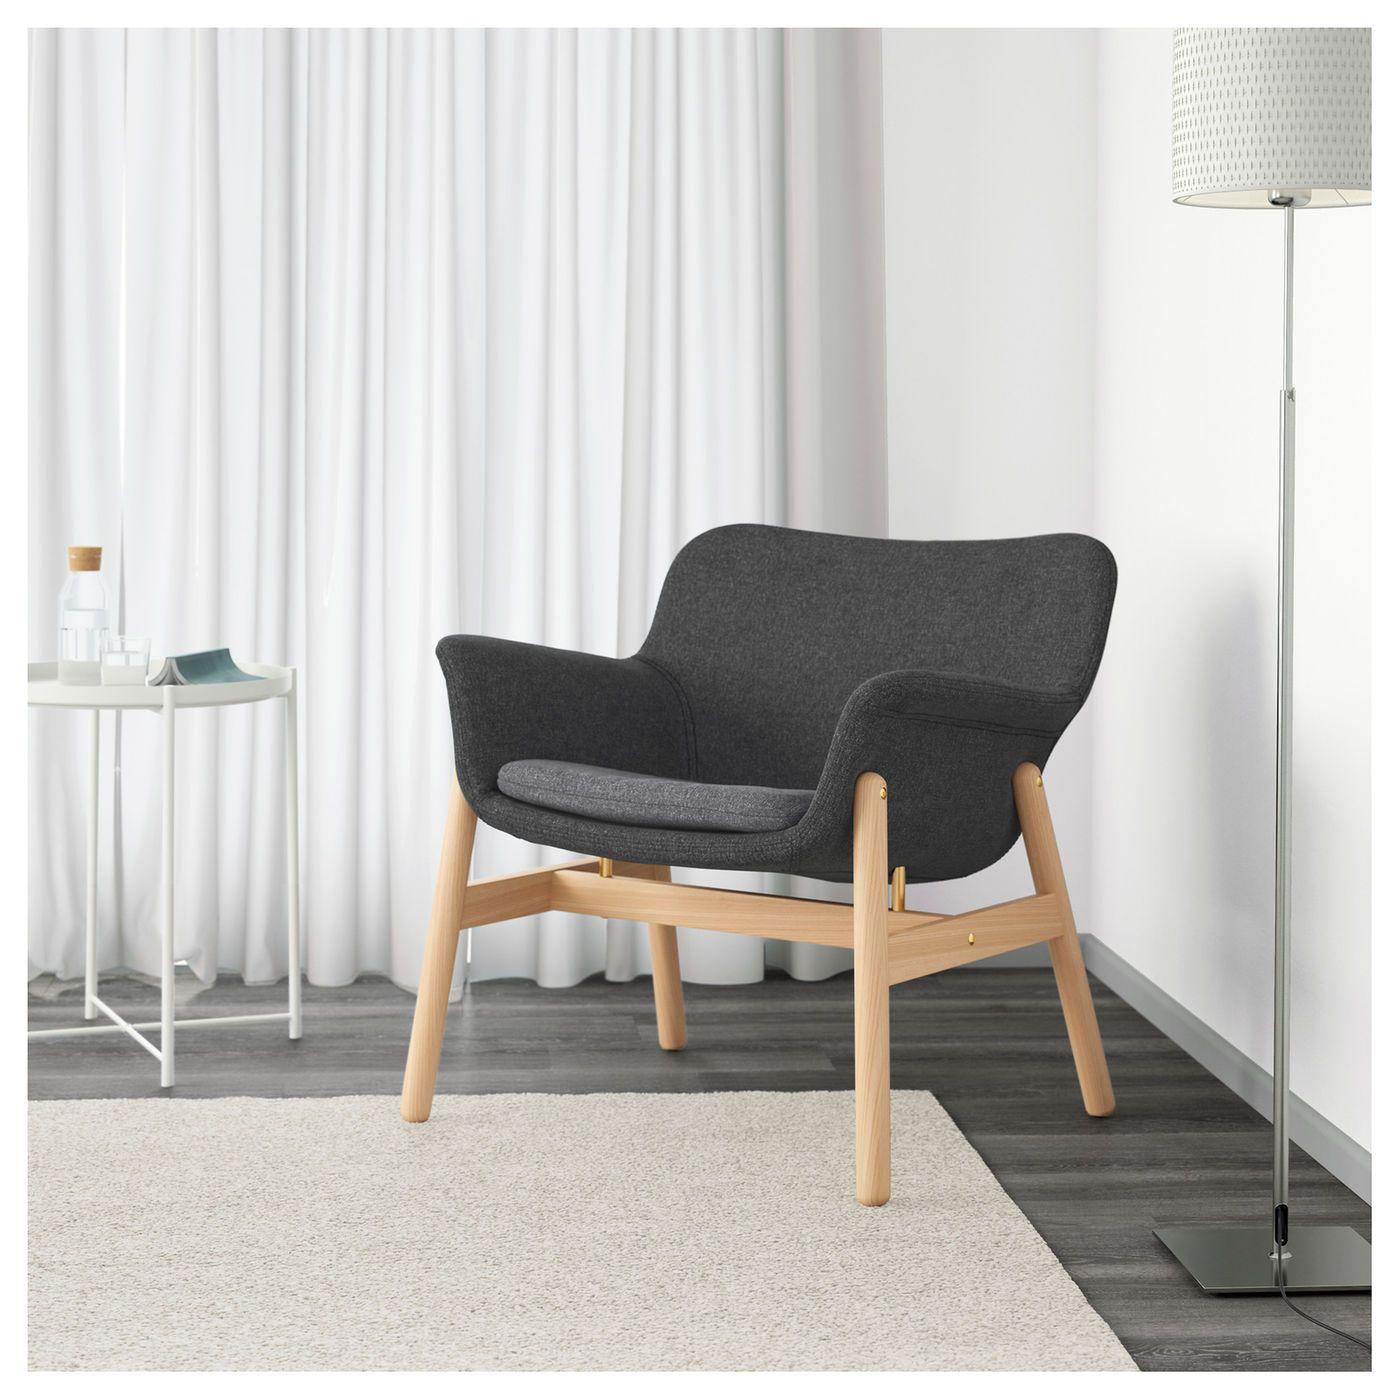 IKEA VEDBO Lenestol | Hus og interiør | Pinterest